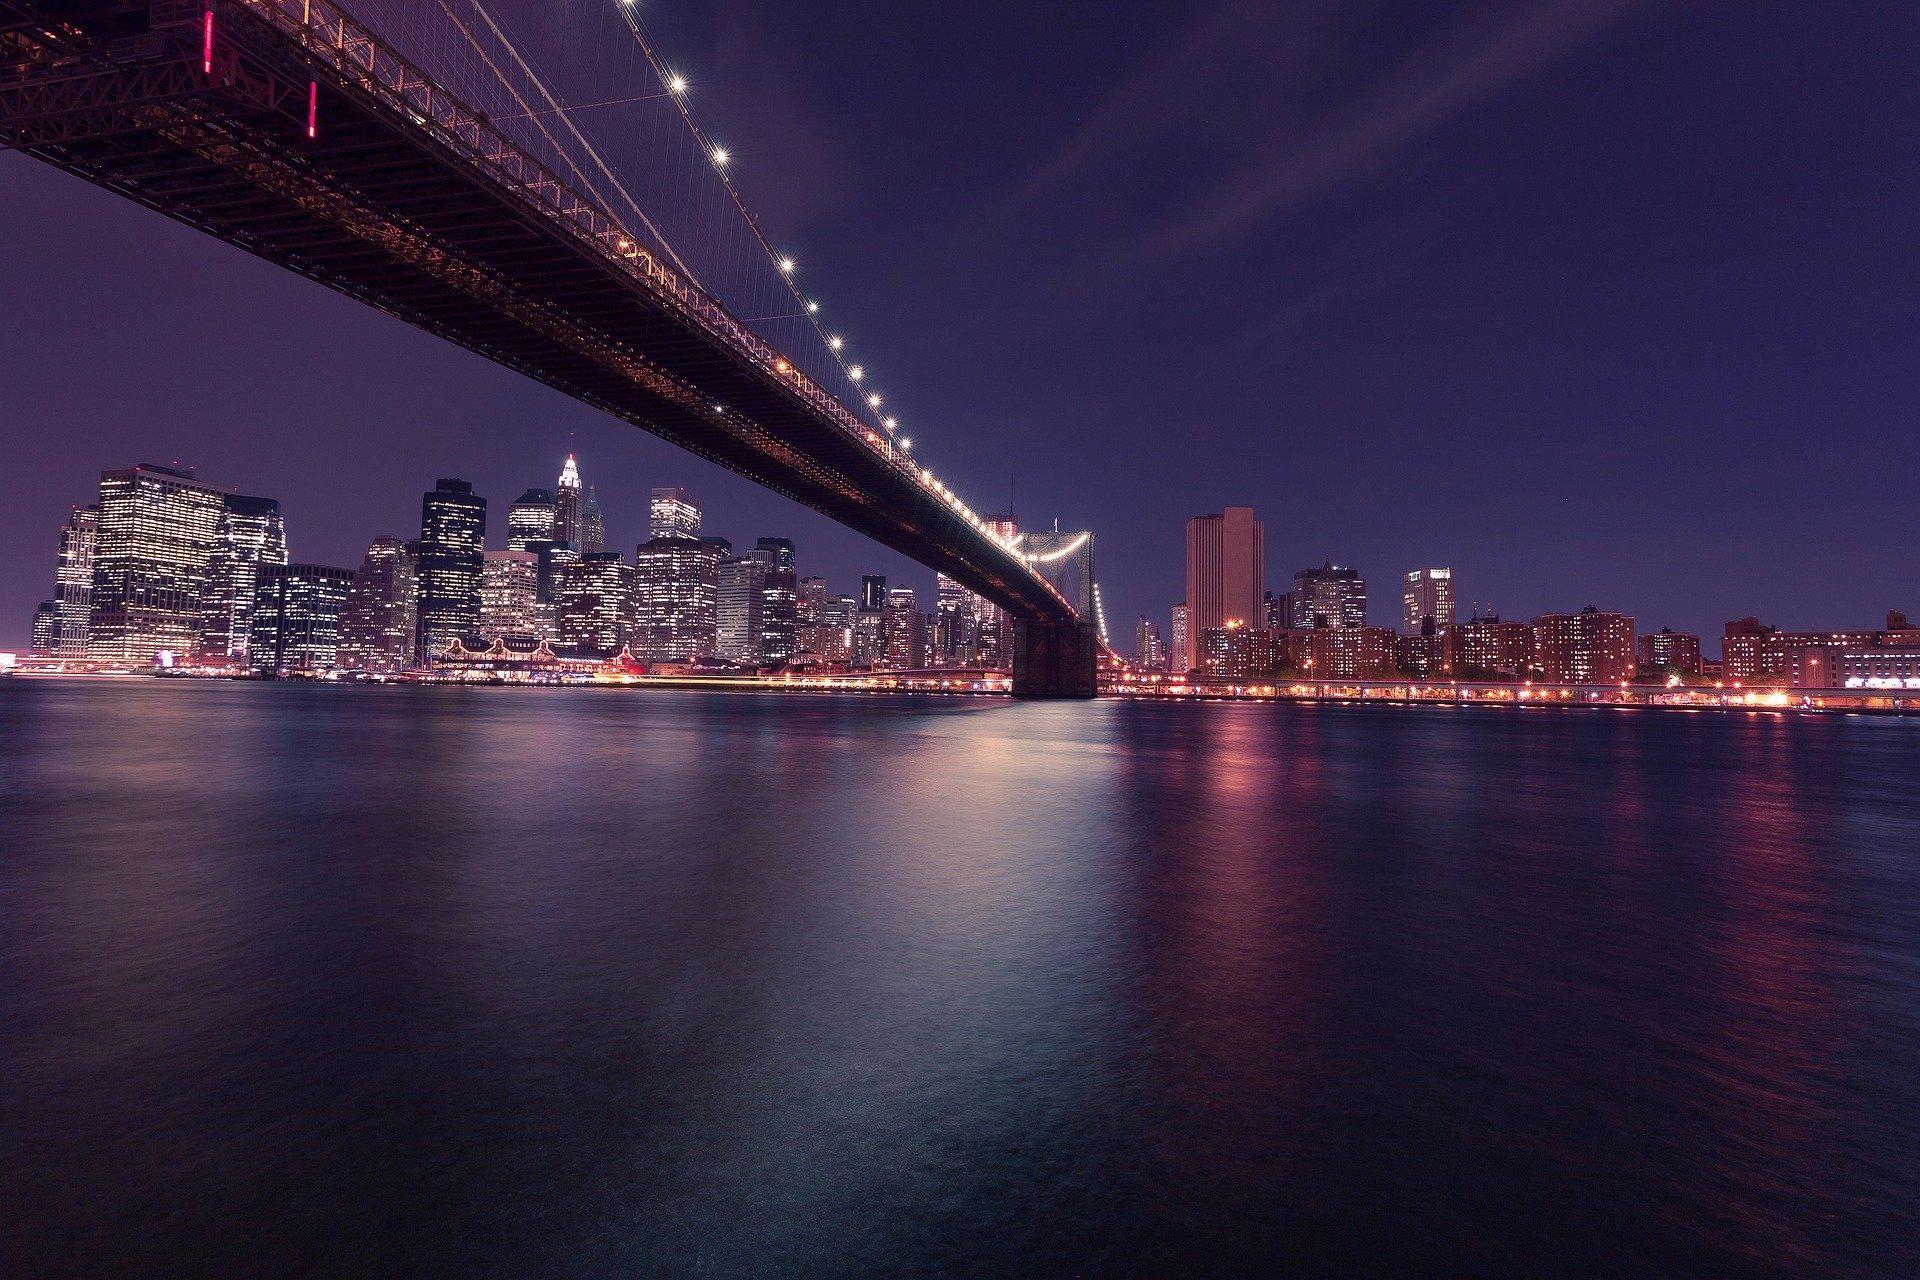 Μειώνεται η μετανάστευση προς την πόλη της Νέας Υόρκης